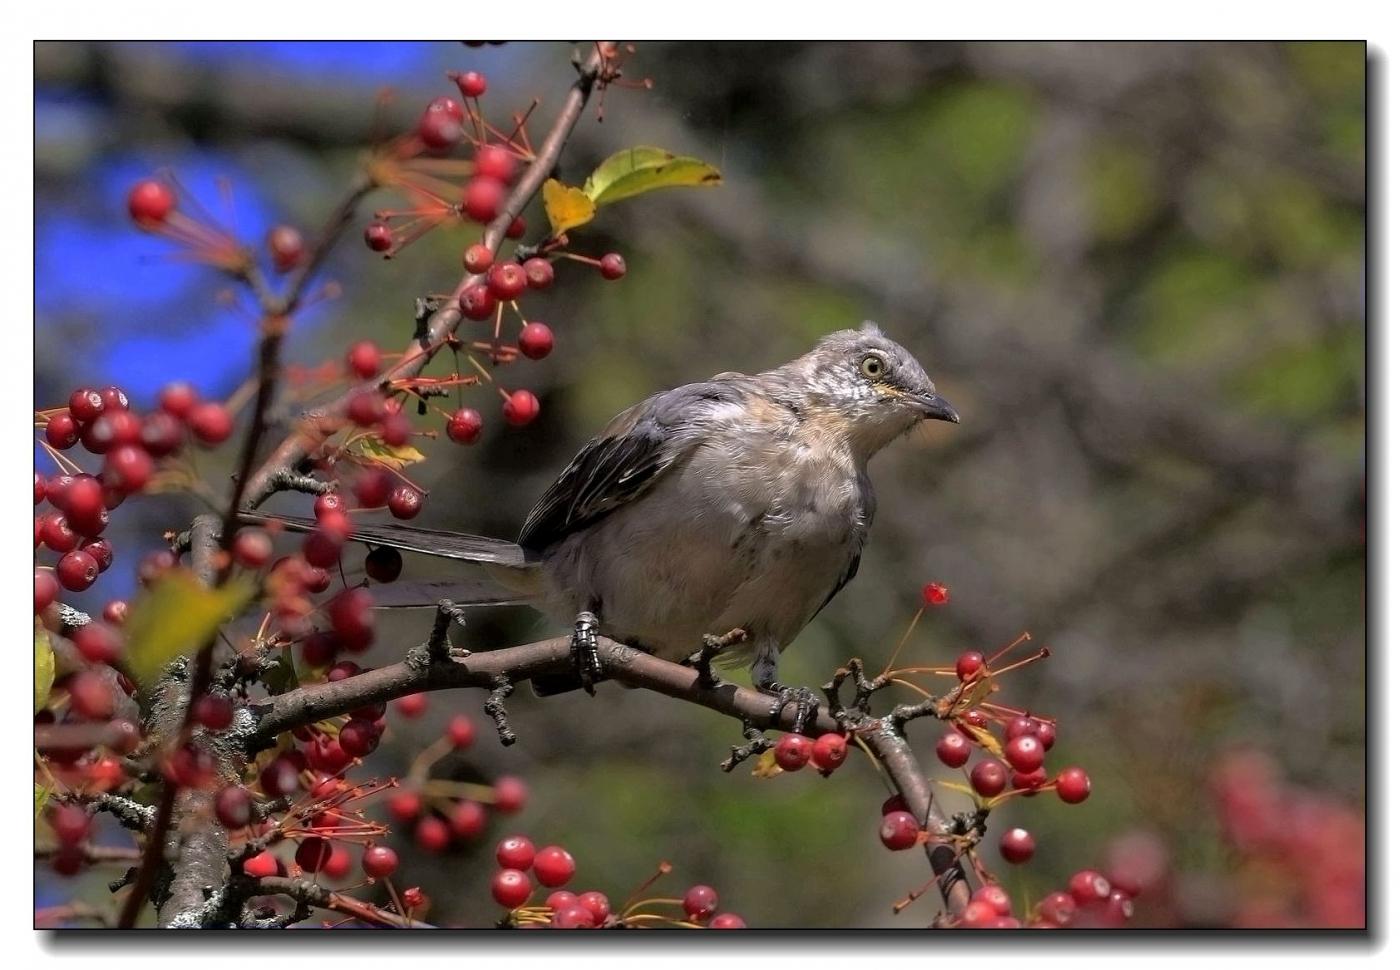 果熟鸟来图-灰猫朝鸫_图1-5